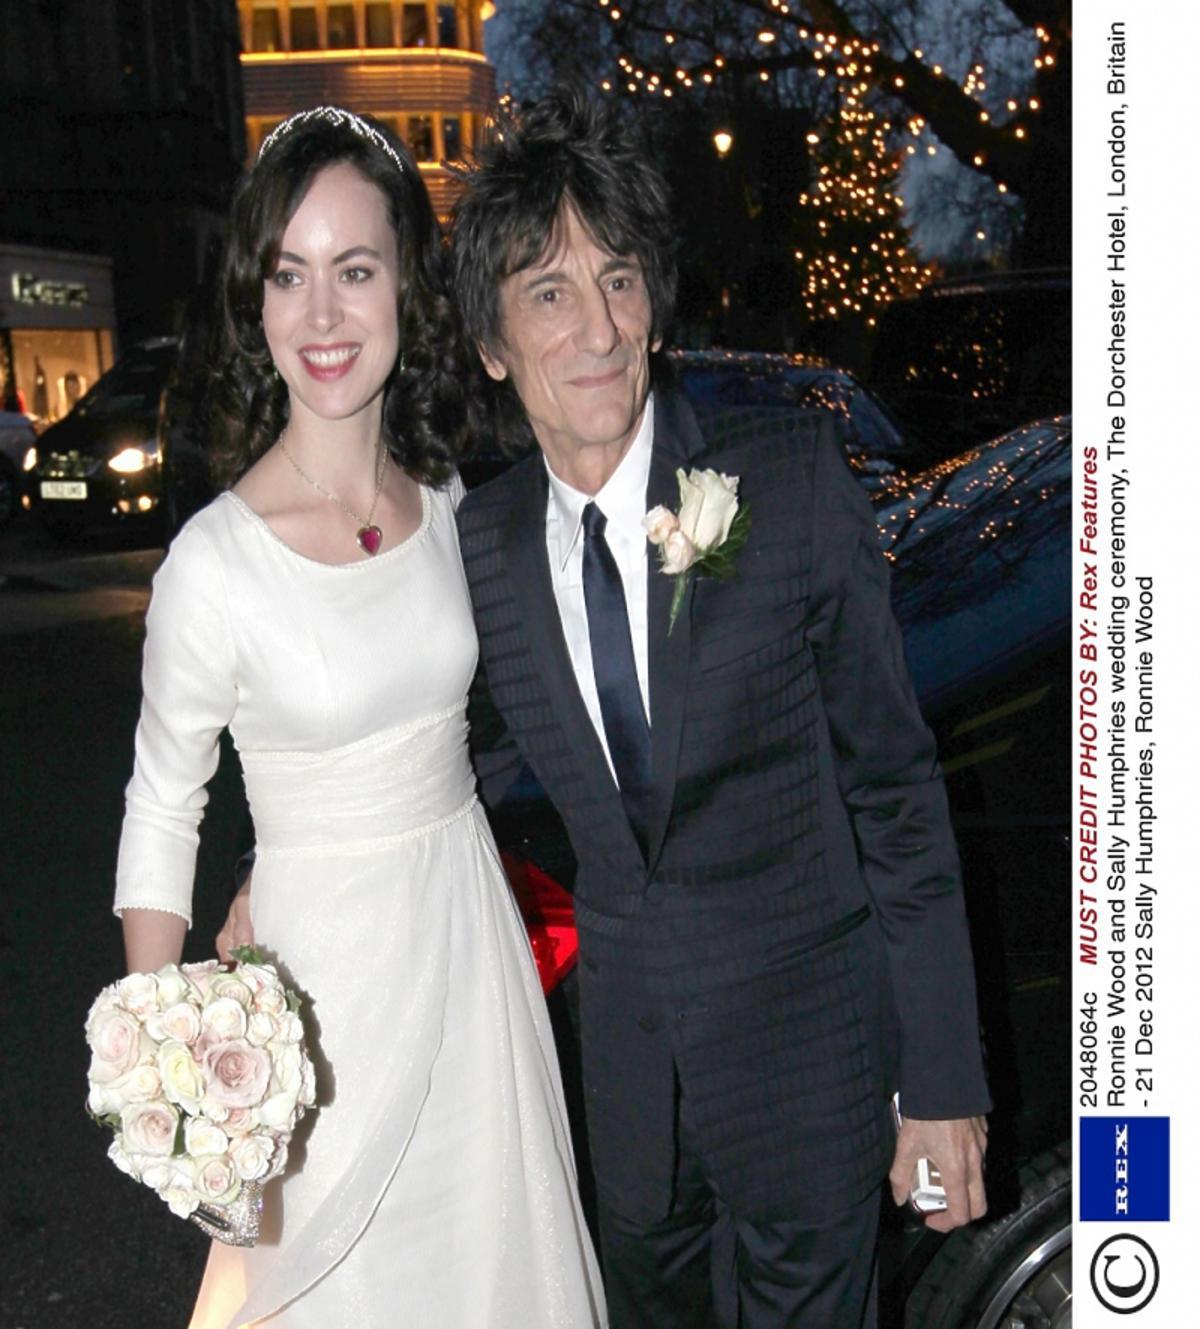 Ronnie Wood w czarnym garniturze i Sally Humphreys w suknie ślubnej obejmują się